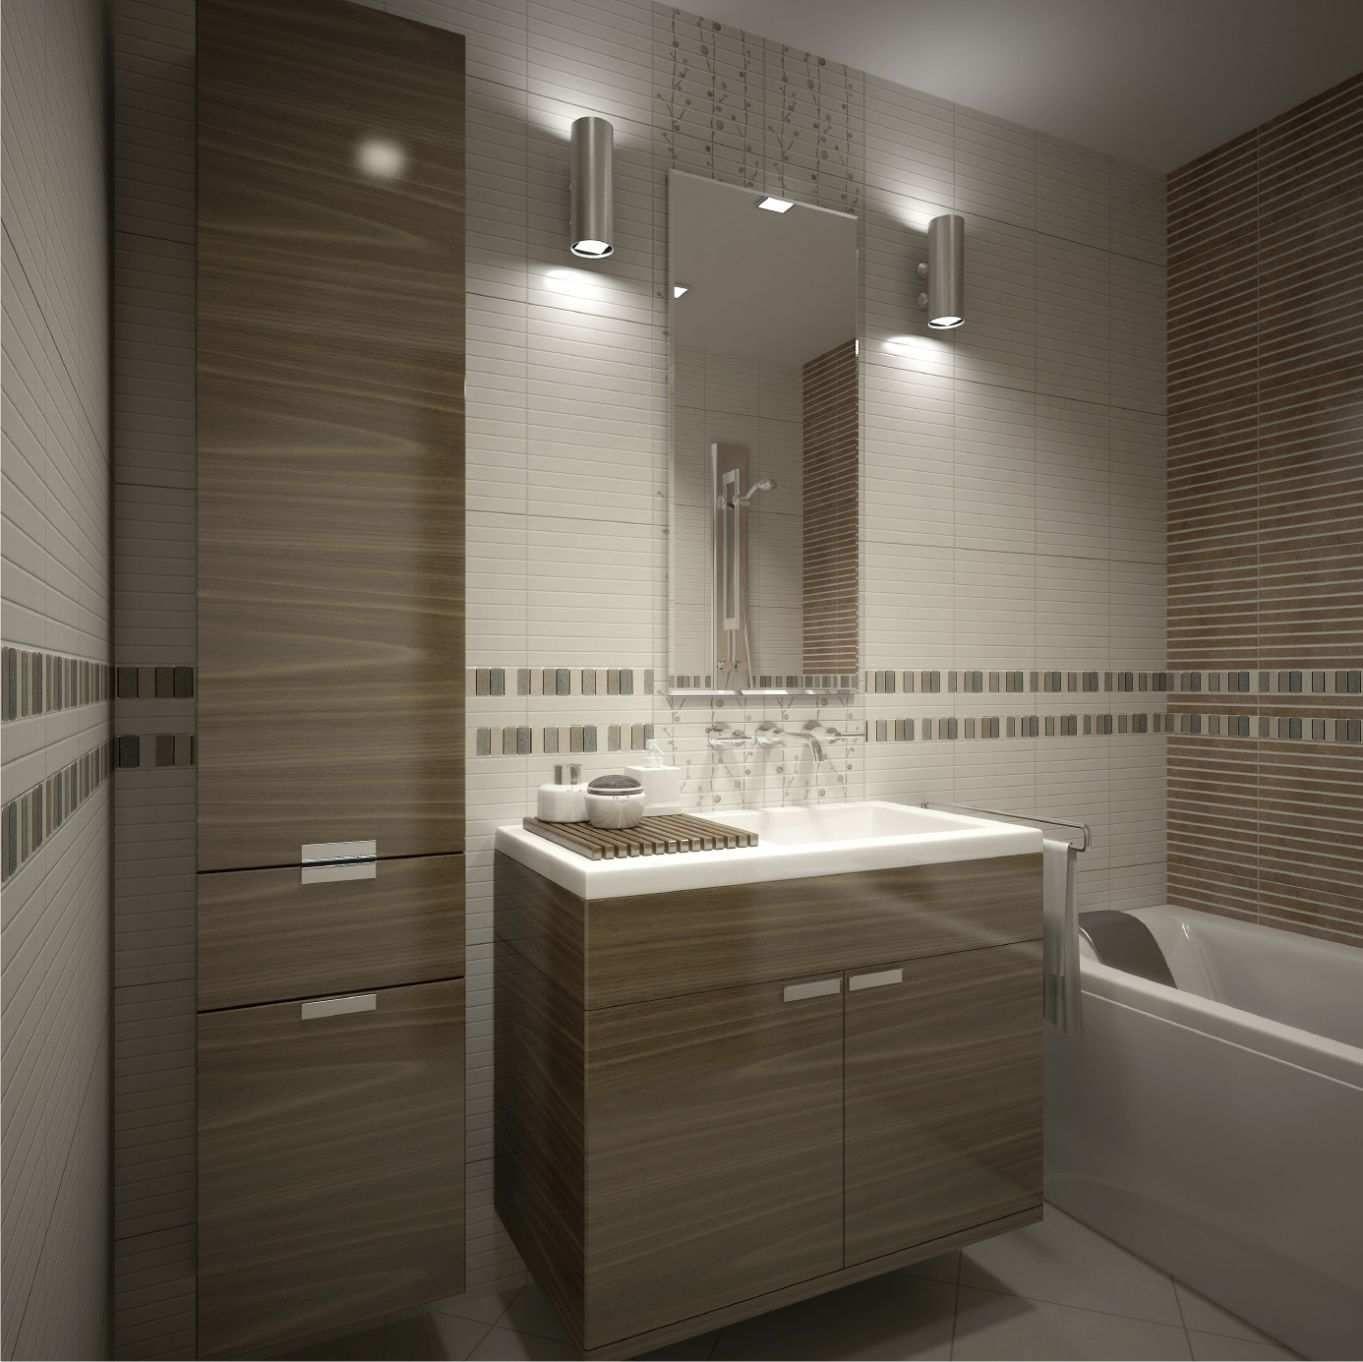 Idées Daménagement Salle De Bain Petite Surface House - Salle de bains petite surface